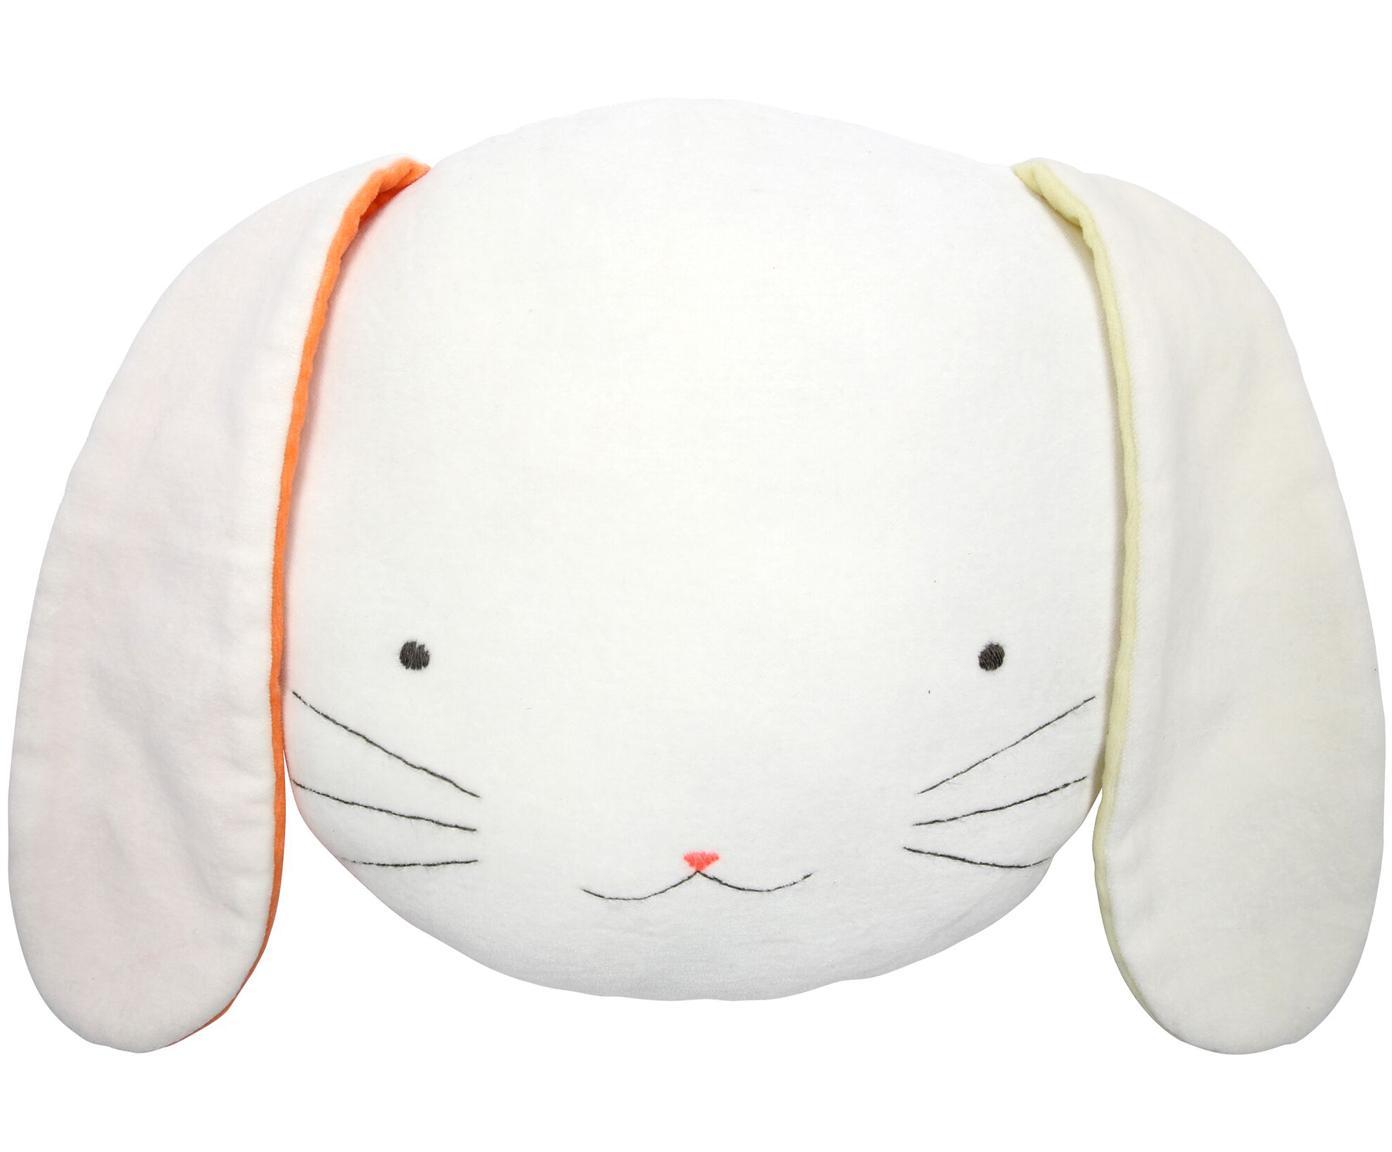 Poduszka do przytulania Bunny, Tapicerka: aksamit bawełniany, Biały, żółty, pomarańczowy, czarny, S 26 x W 20 cm